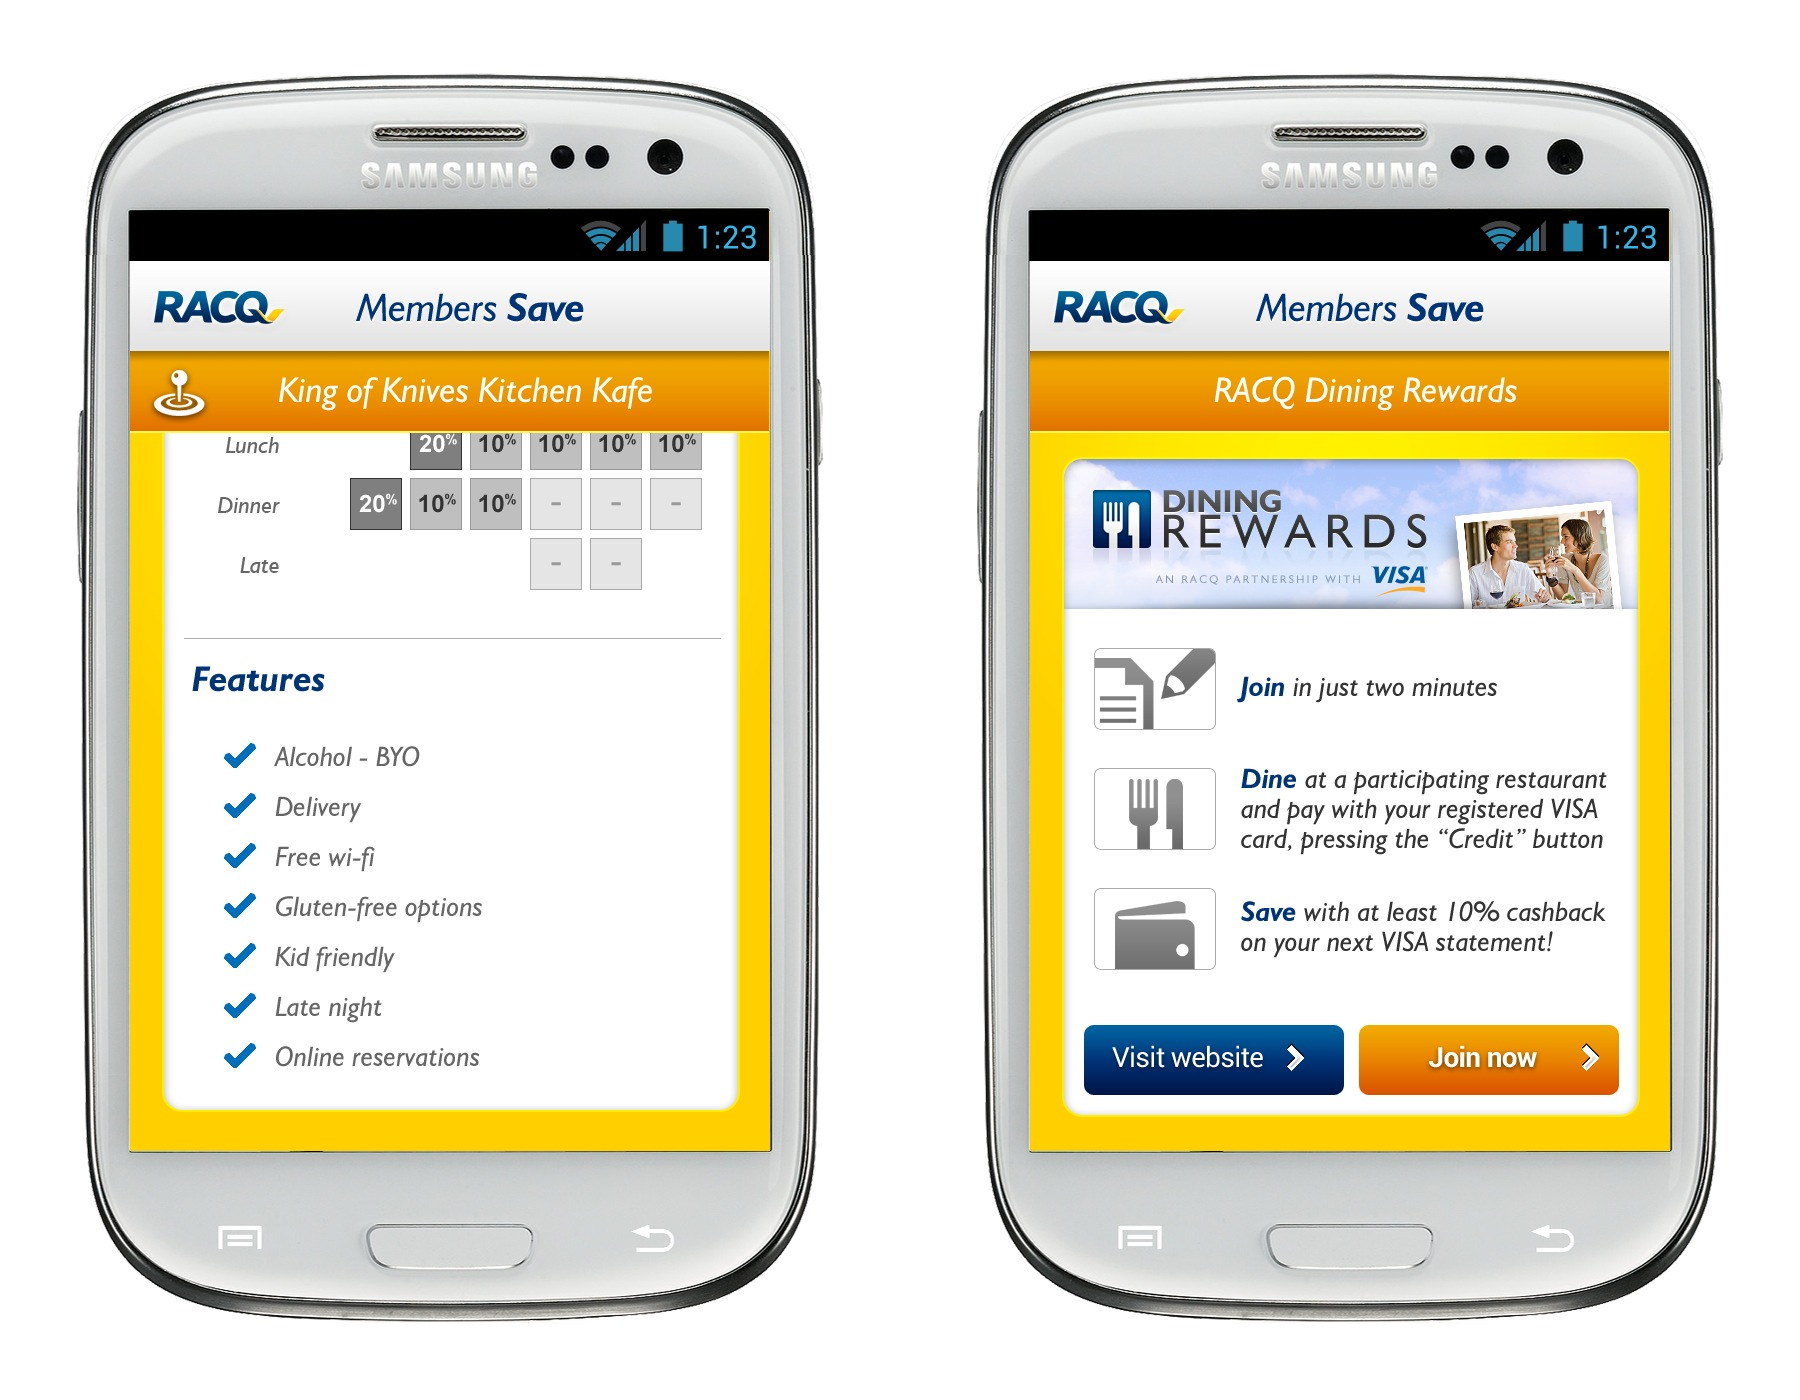 2013-03-Dining-rewards-mobile-app-UI-member-save-android-v01-04.jpg